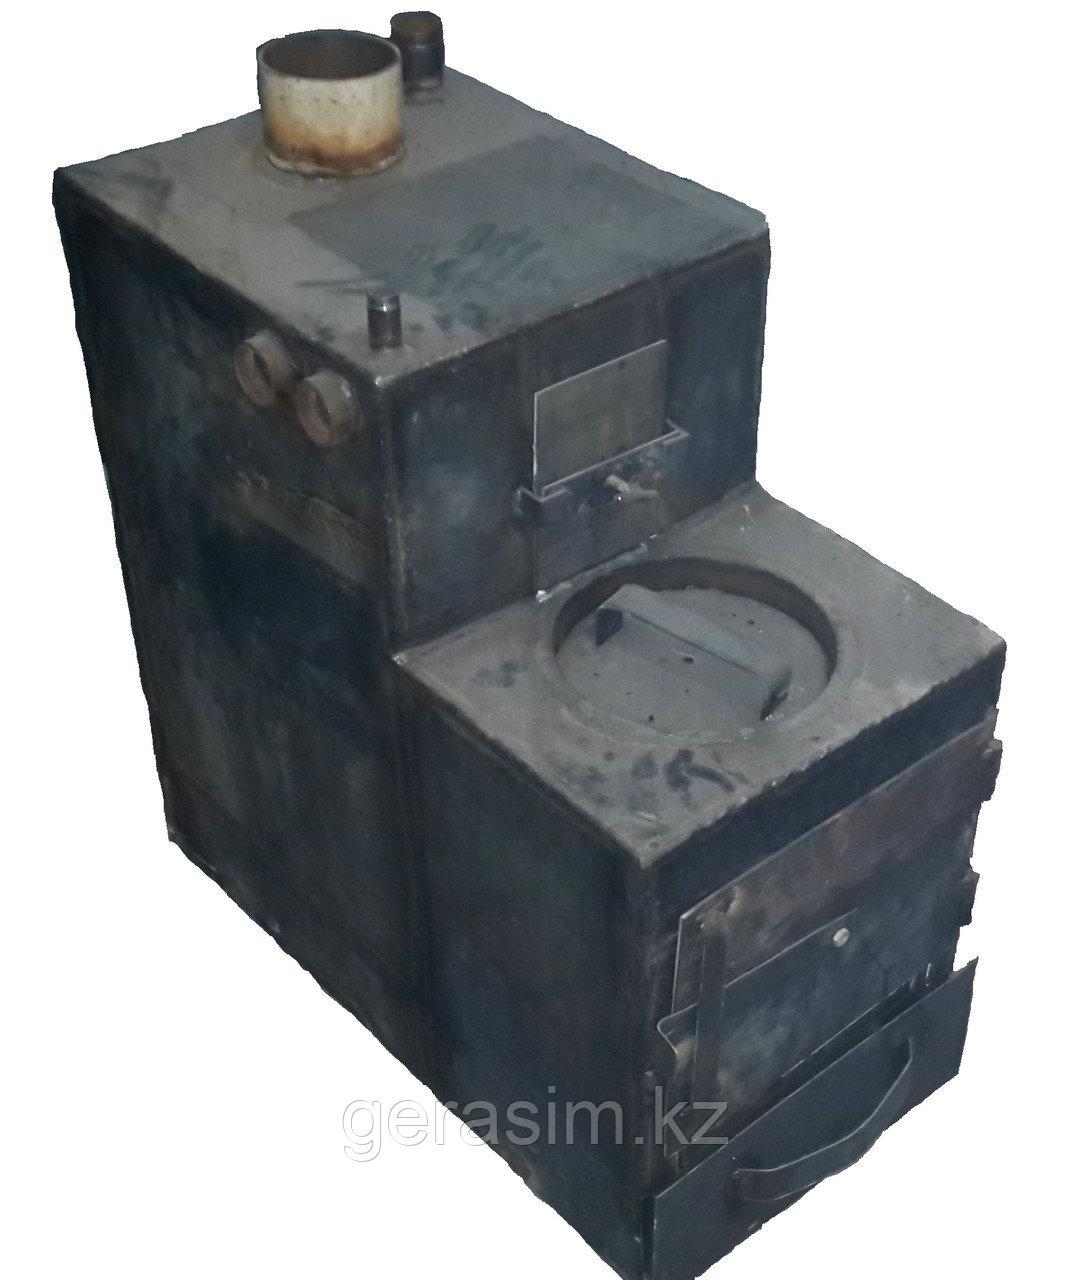 Печь (Сапог) уголь-электричество